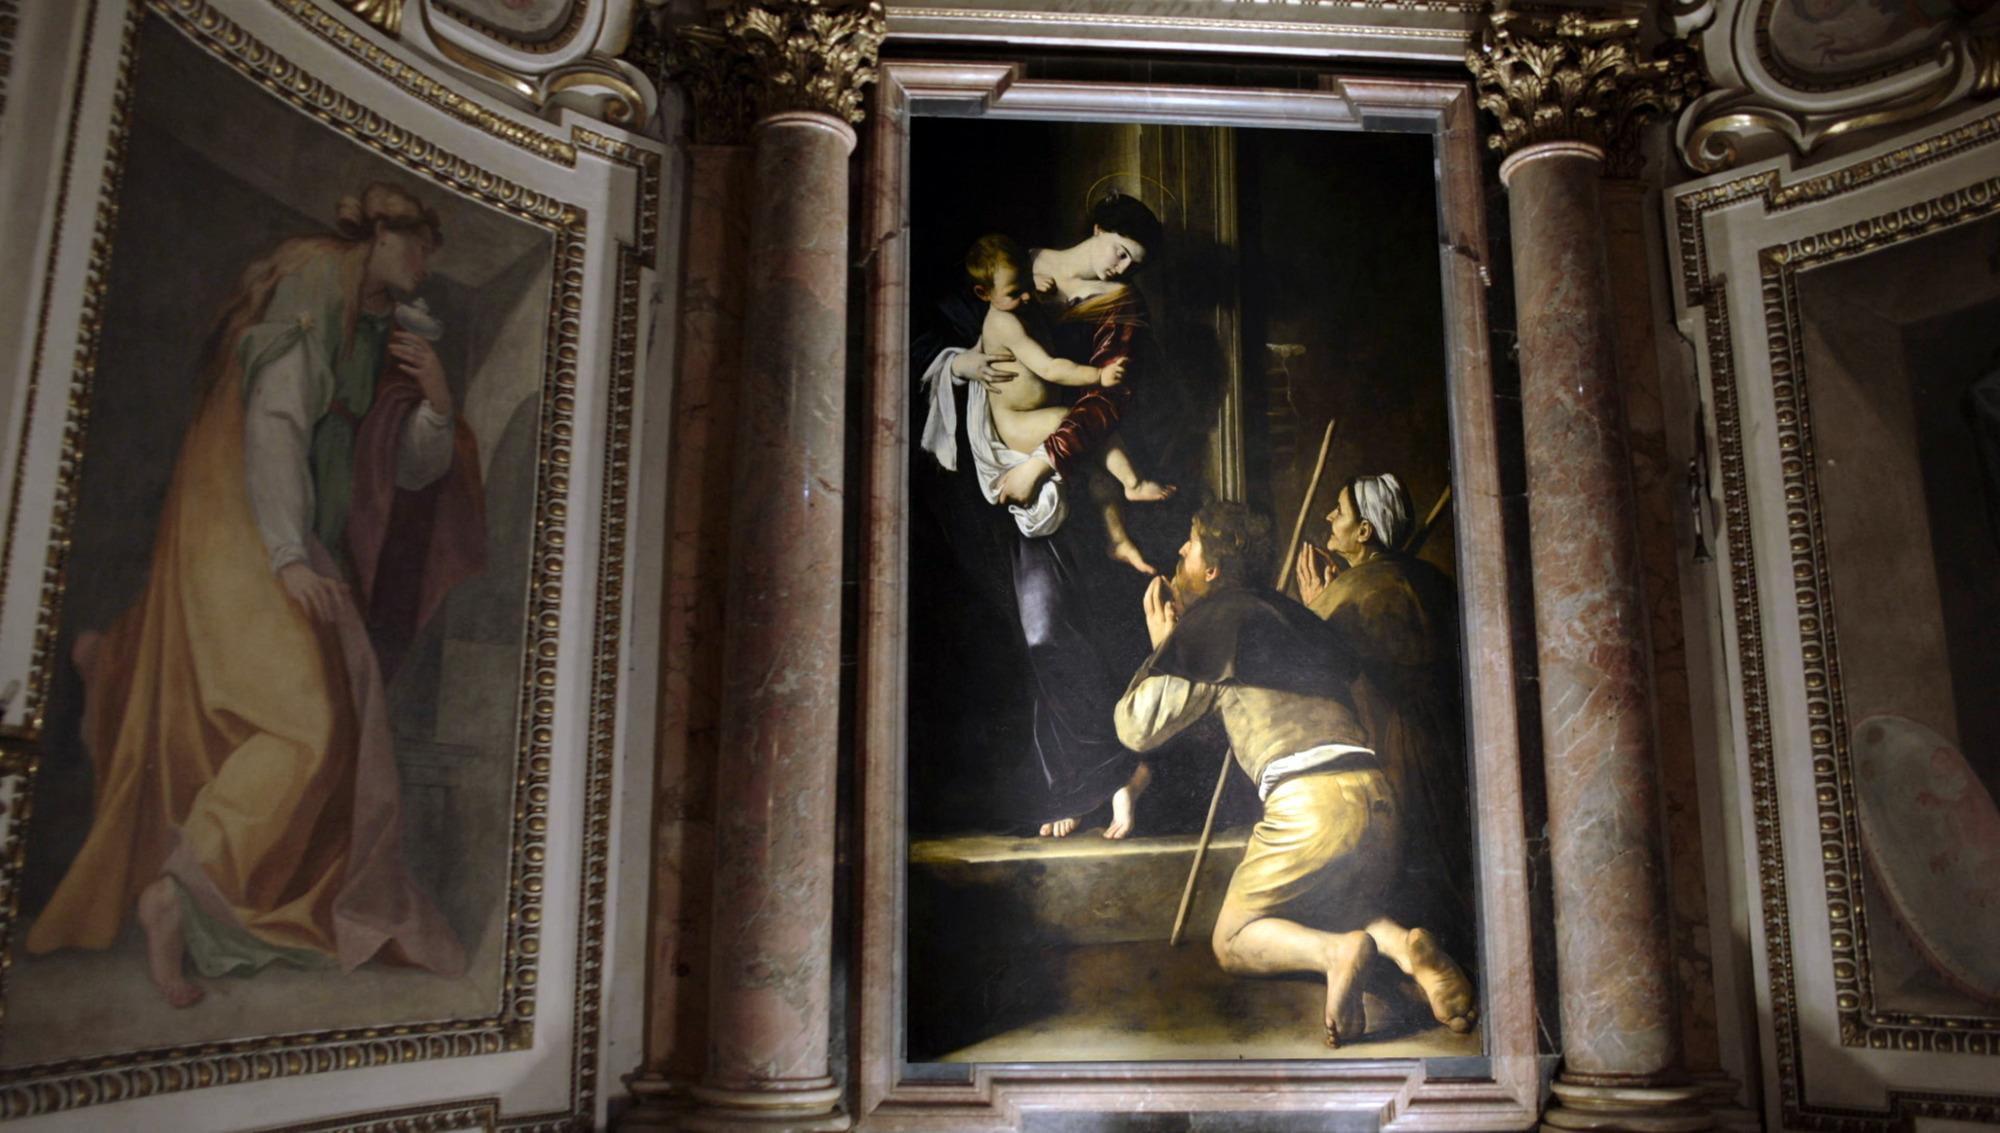 Madonna di Loreta, Caravaggio (1606) – located in the Cavalletti Chapel of the church of Sant'Agostino, Rome, Italy. Photographer: Nutopia